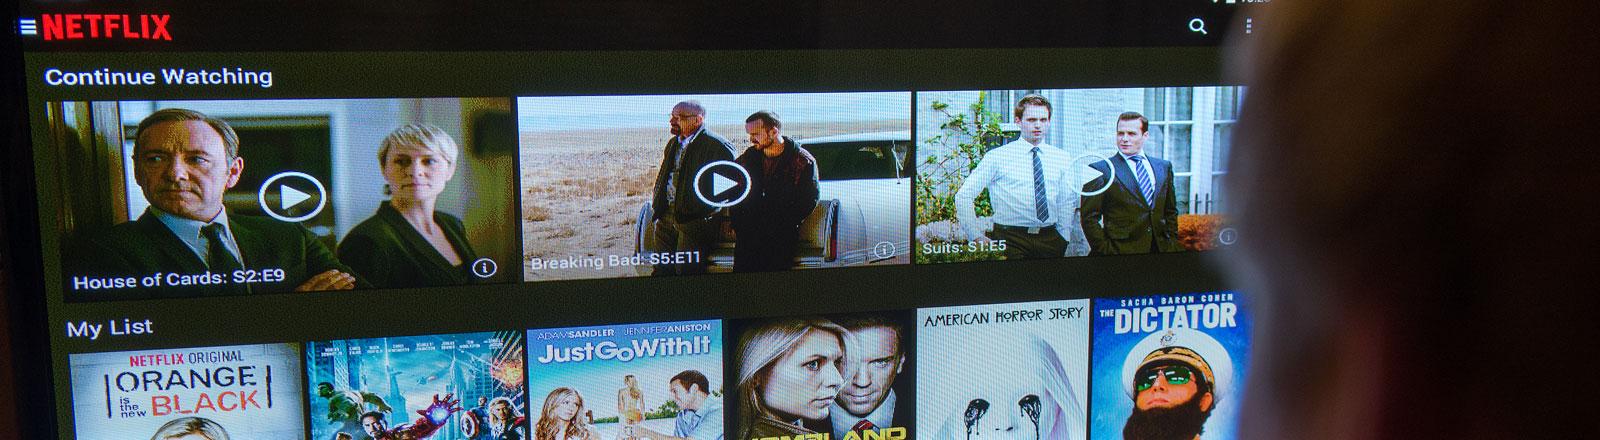 Das Videostreamingportal Netflix.